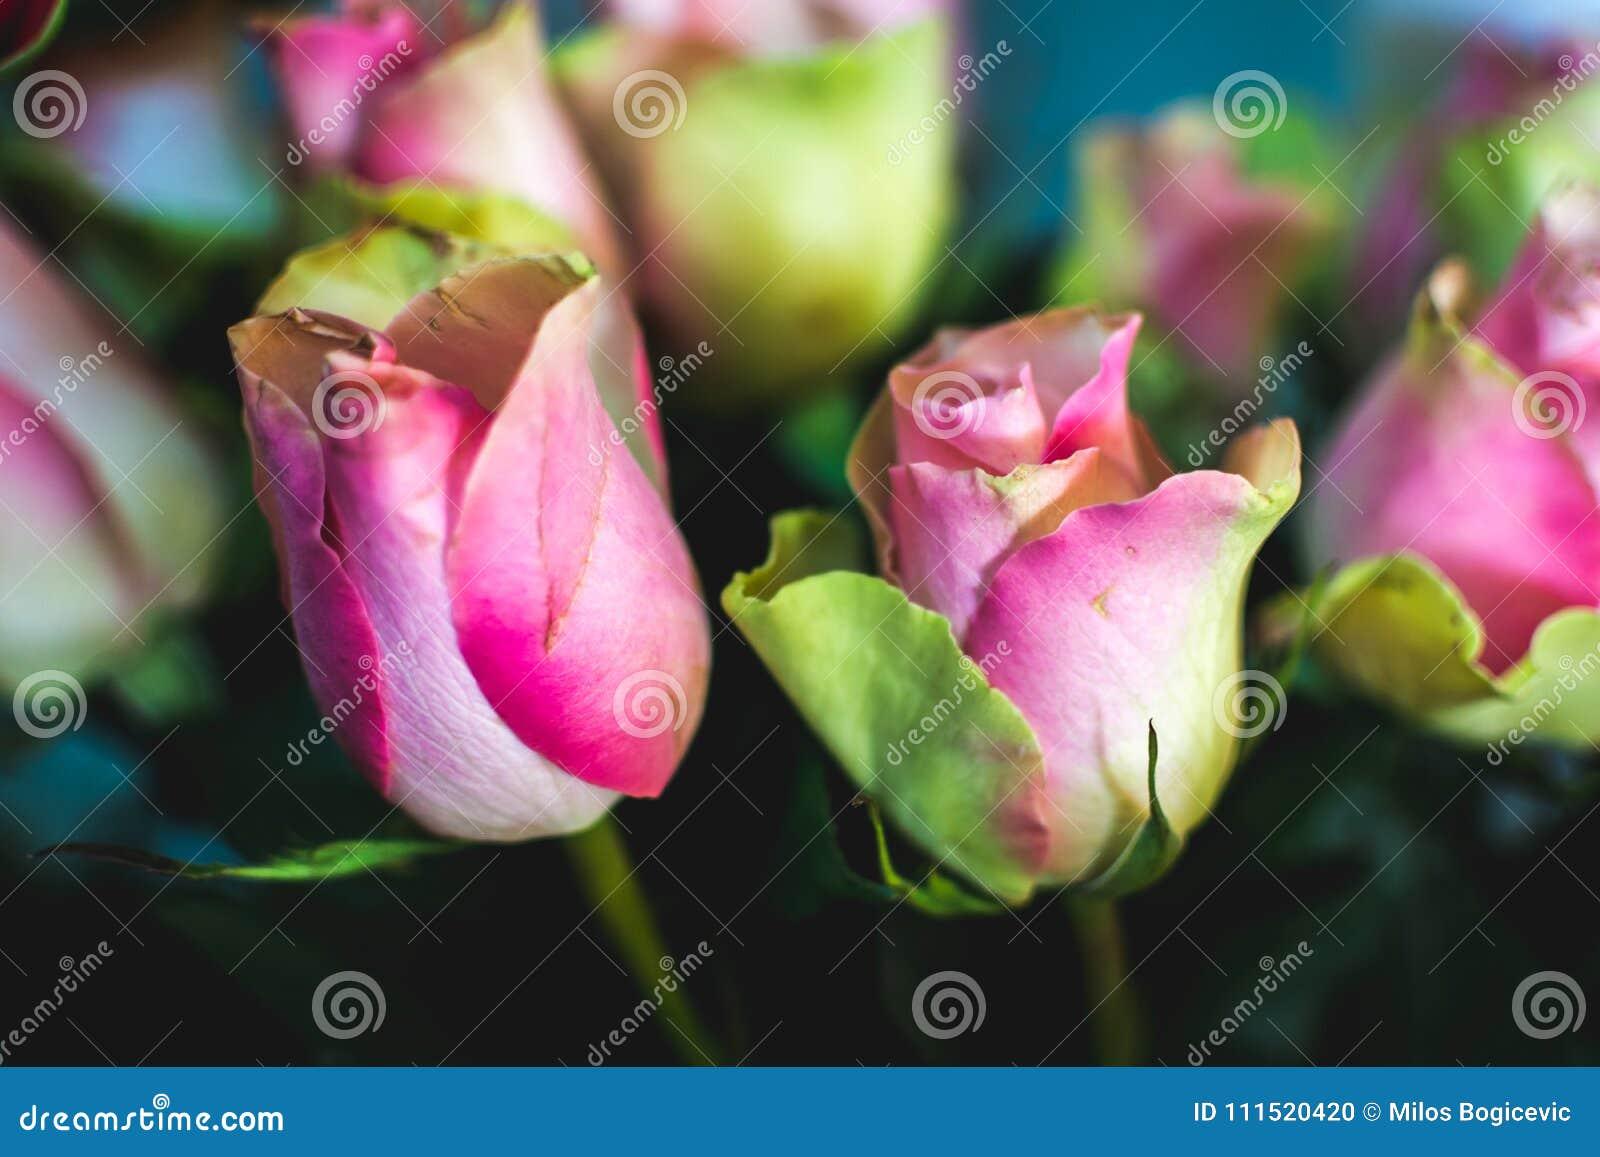 La Fleur Romantique S Est Levee Connectez Vous L Amour Fleur D Ete